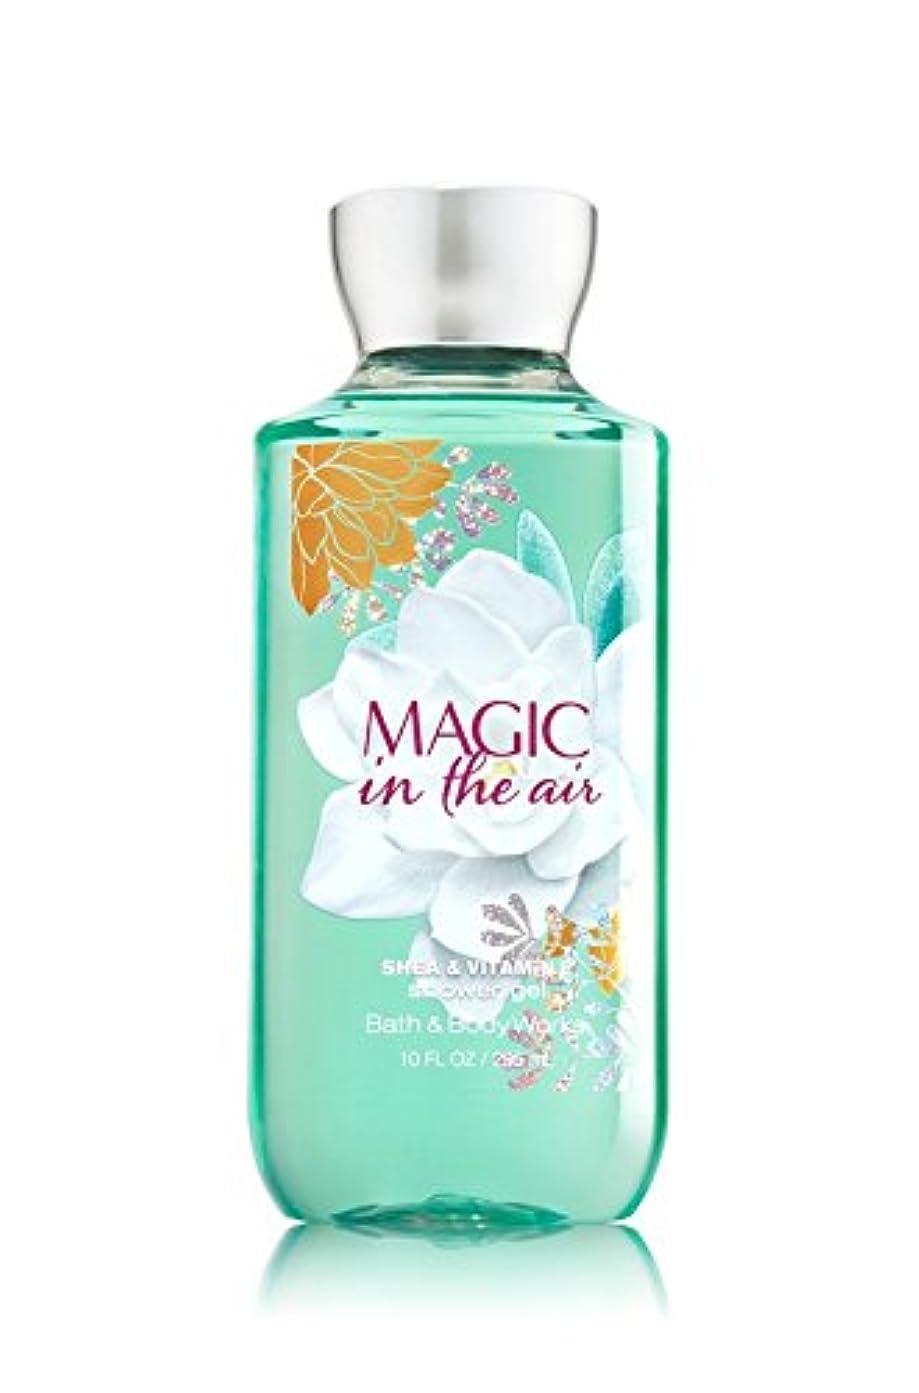 のぞき穴糸禁止する【Bath&Body Works/バス&ボディワークス】 シャワージェル マジックインザエアー Shower Gel Magic in the Air 10 fl oz / 295 mL [並行輸入品]